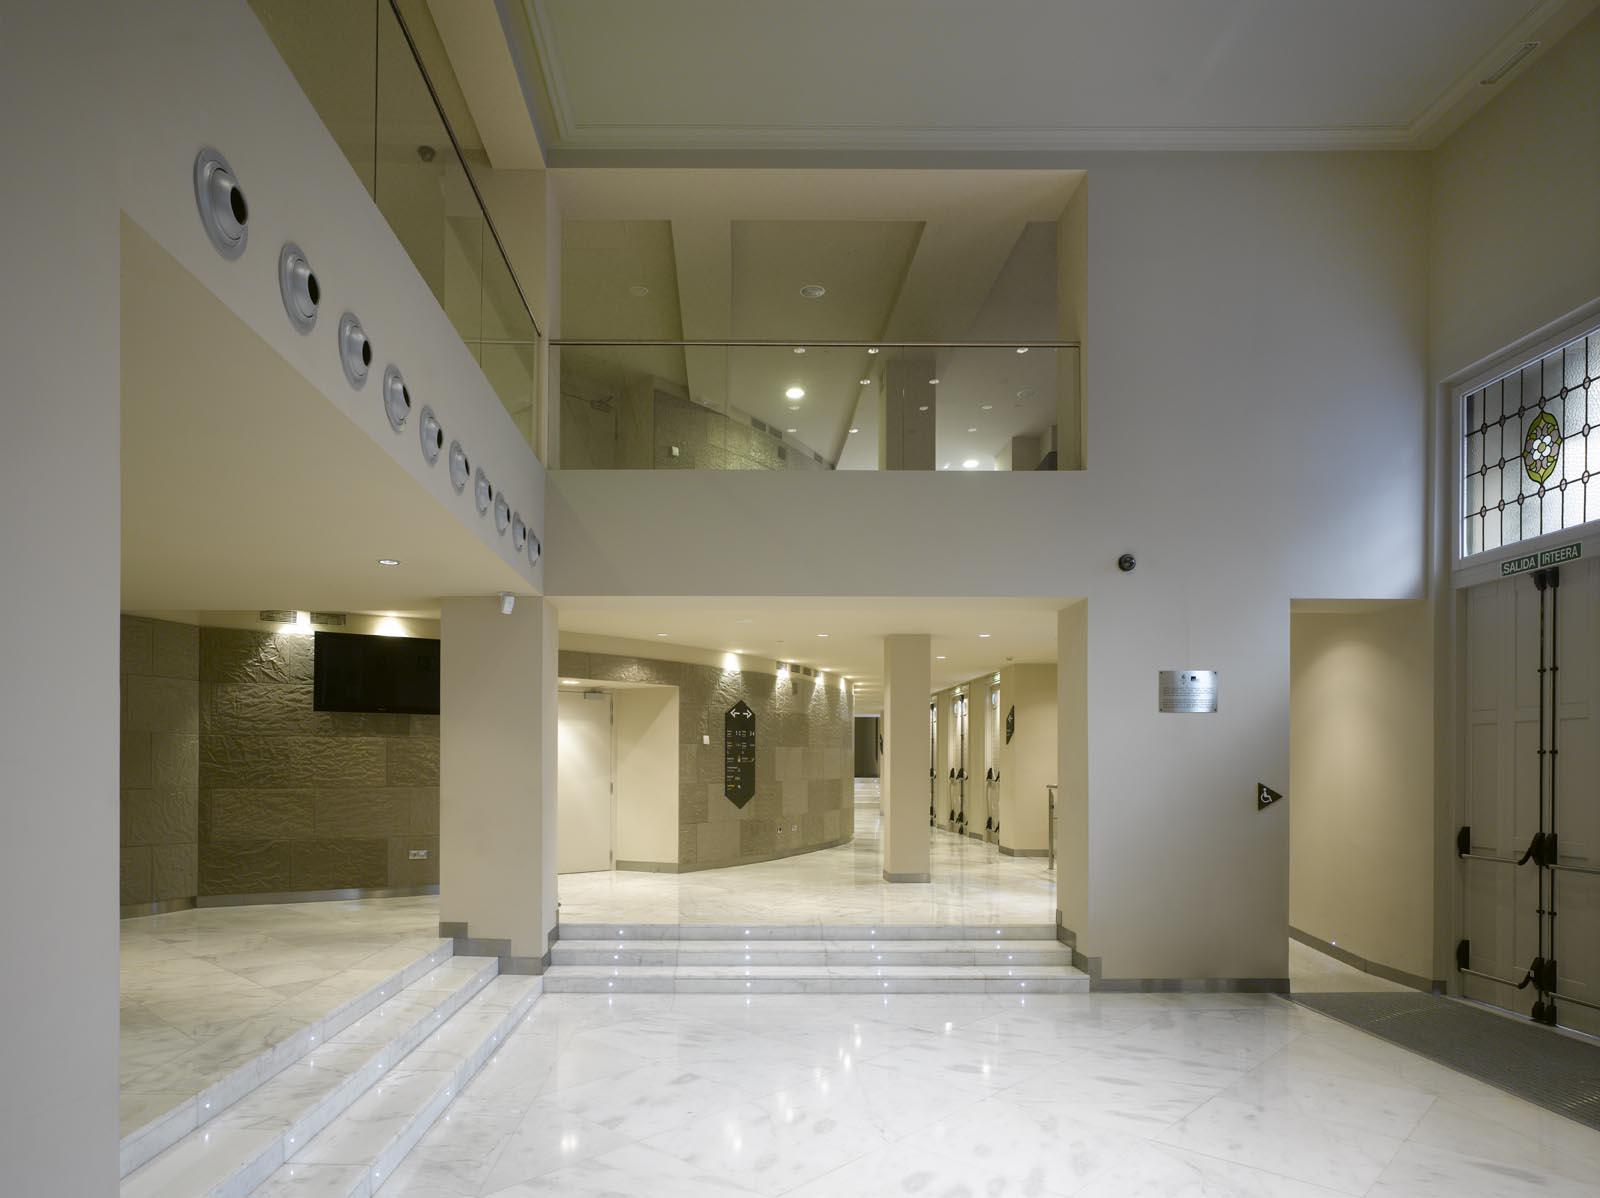 Teatro campos el seos de bilbao de joya modernista a sala - Estudios arquitectura bilbao ...